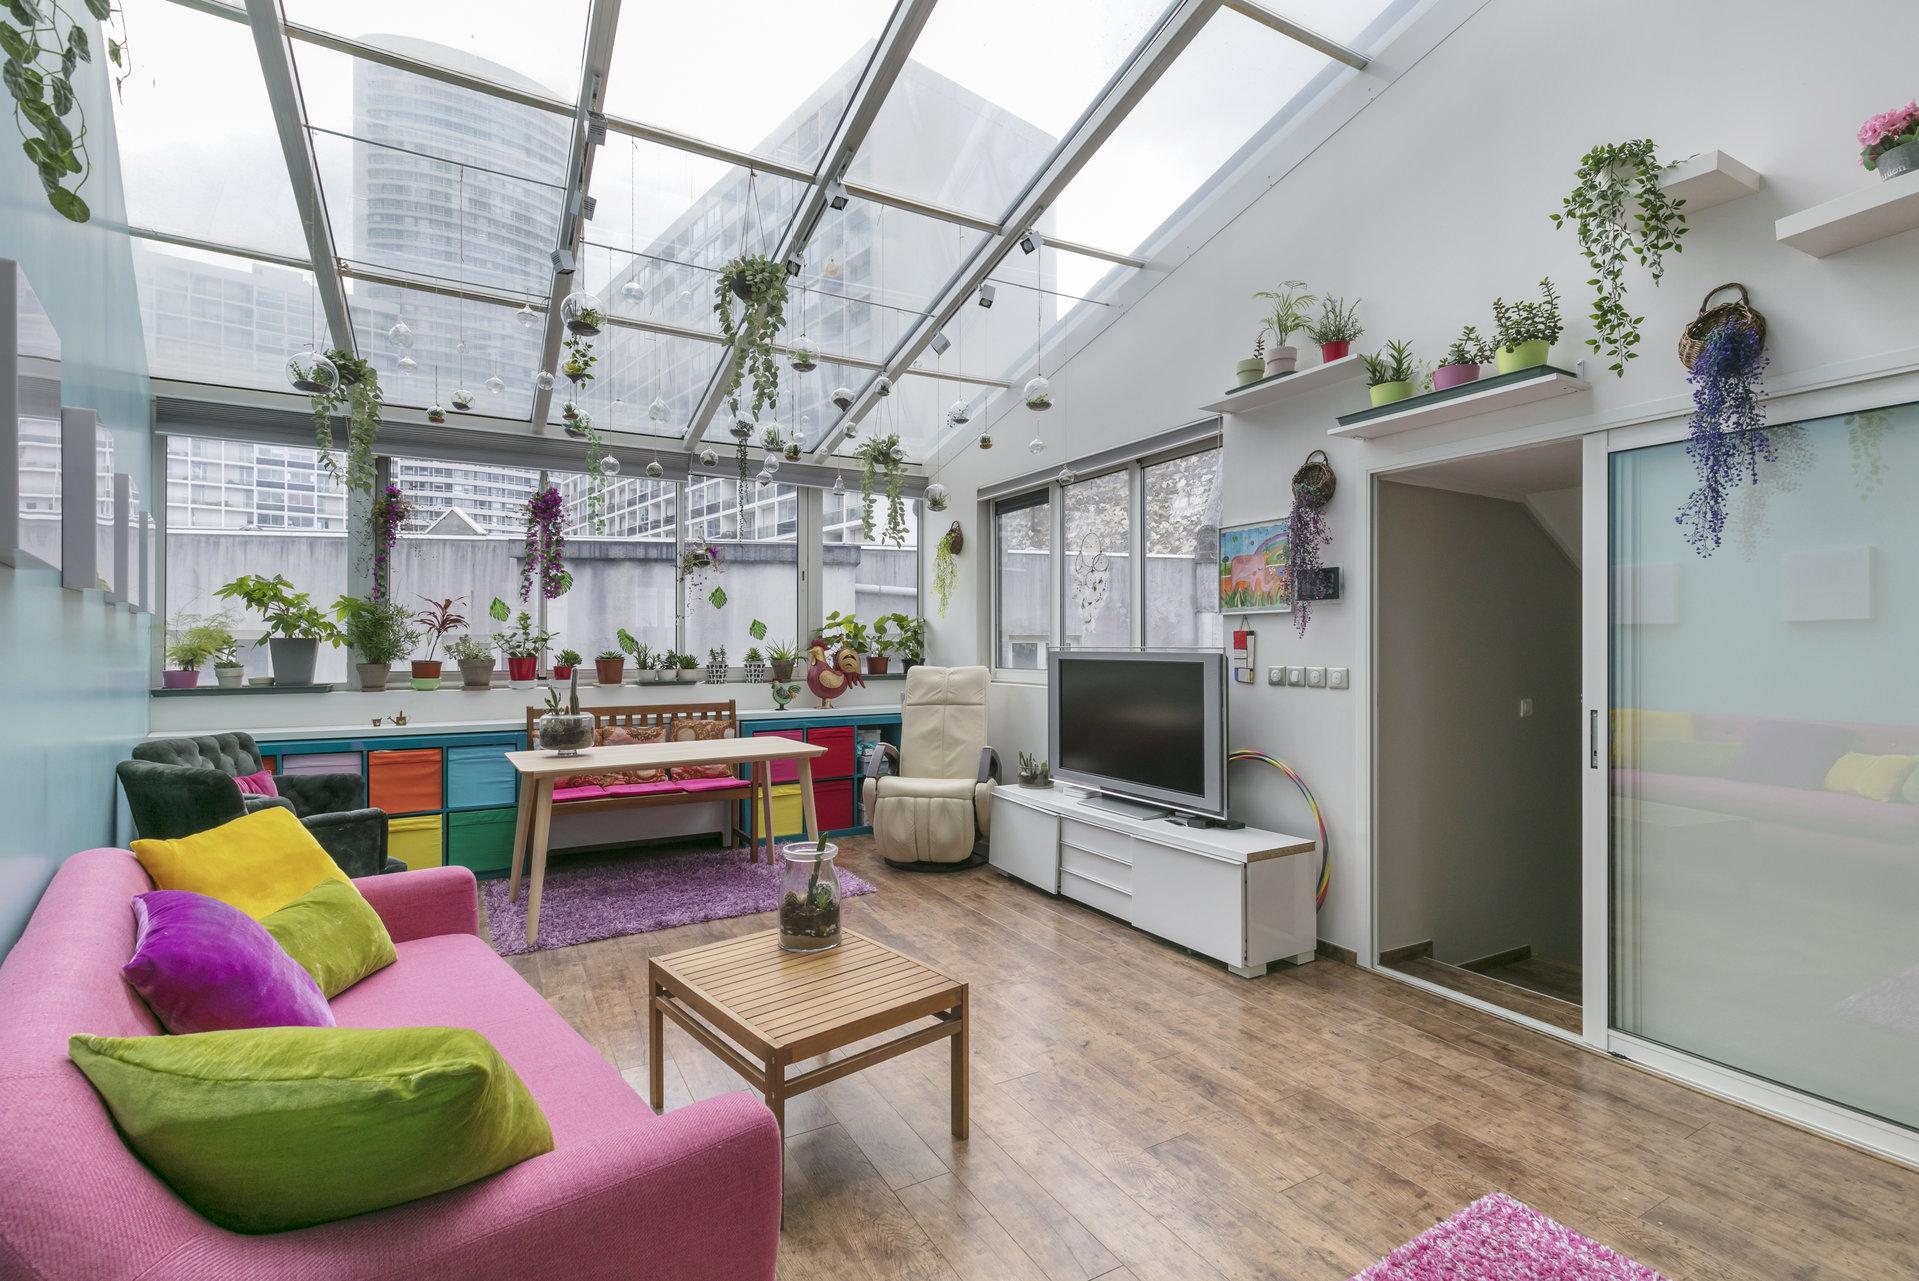 maison-contemporaine-architecte-a-vendre-puteaux-patio-vegetalise-climatisations-reversibles-prestations-haut-de-gamme